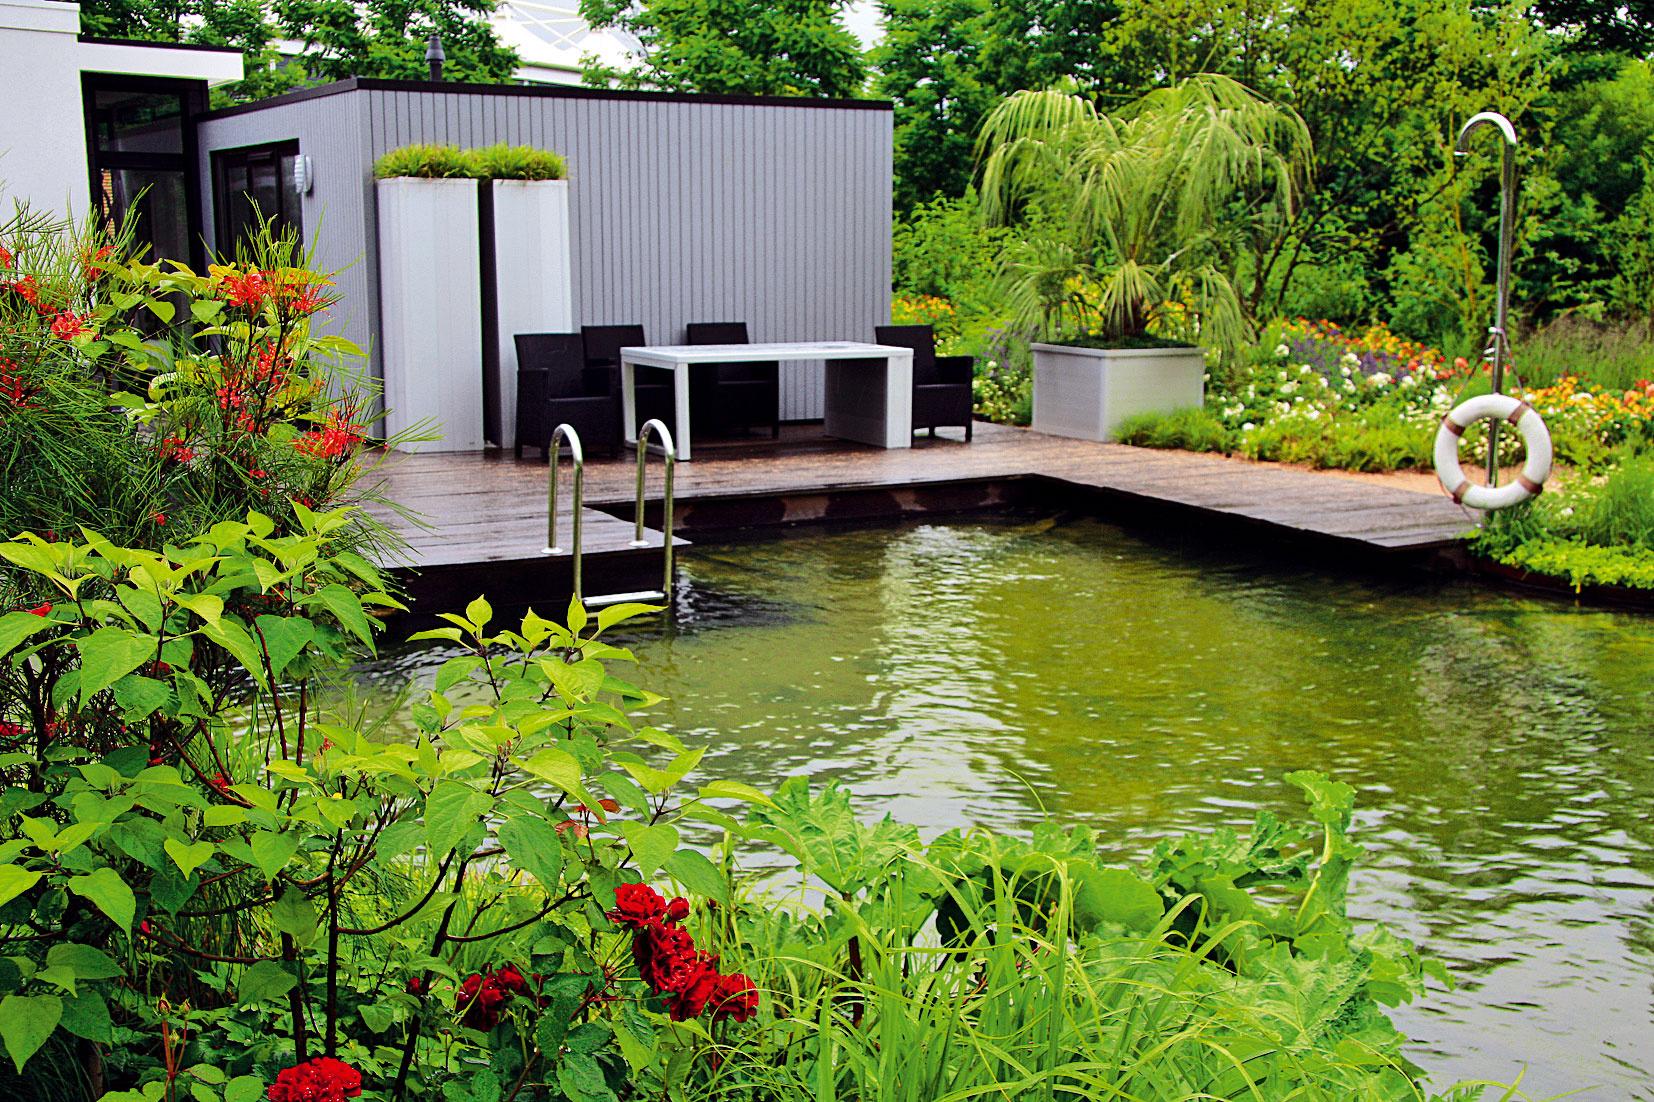 Prírodne ladená záhrada sa nachádza pri modernom prízemnom dome. Dokazuje, že aj stret dvoch rozdielnych svetov môže vytvoriť harmóniu.